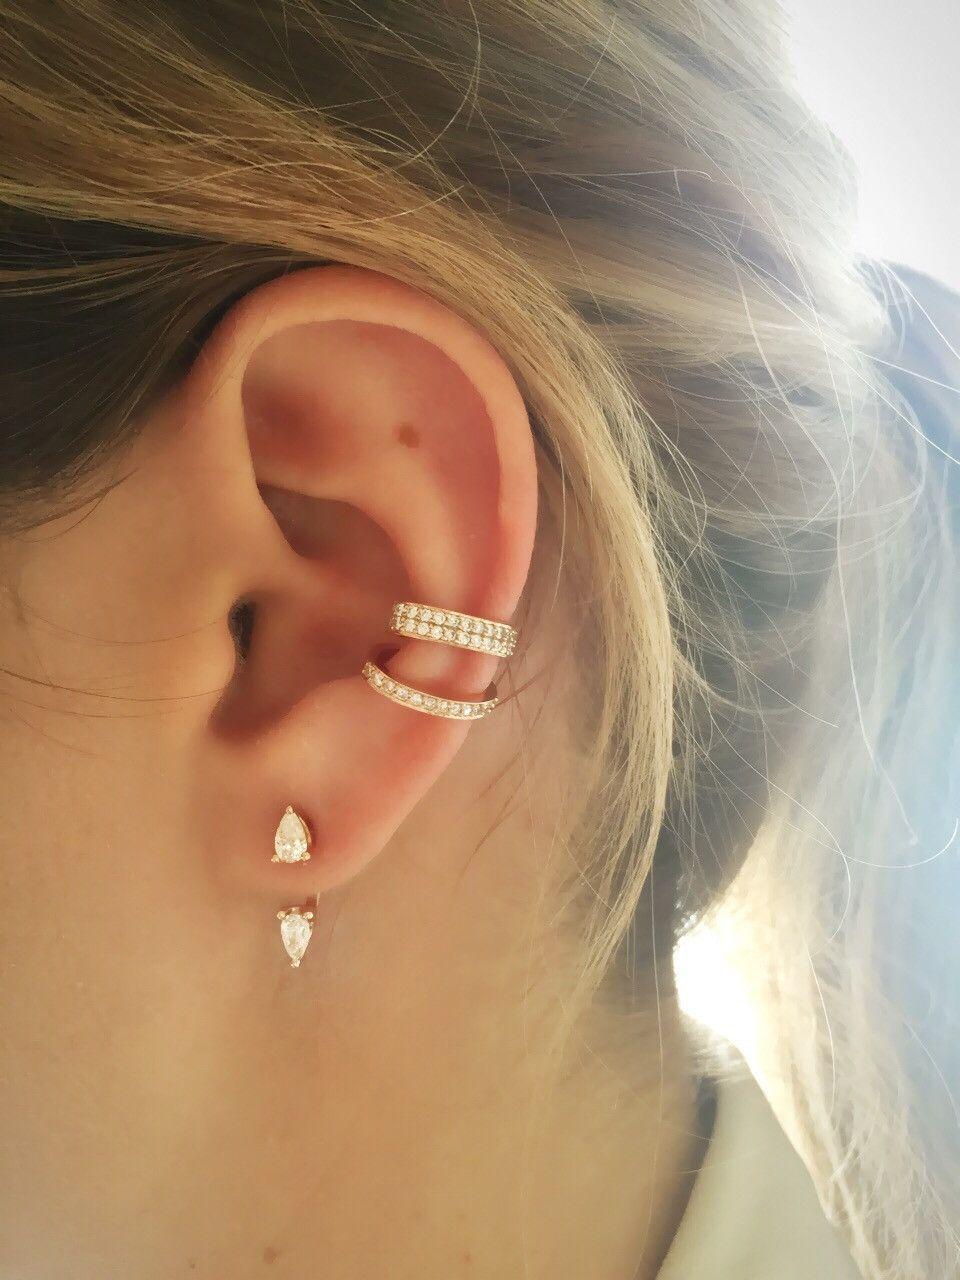 Orbital piercing ideas  Pin by Jenny Mcfadden on Wonderful Jewelry  Pinterest